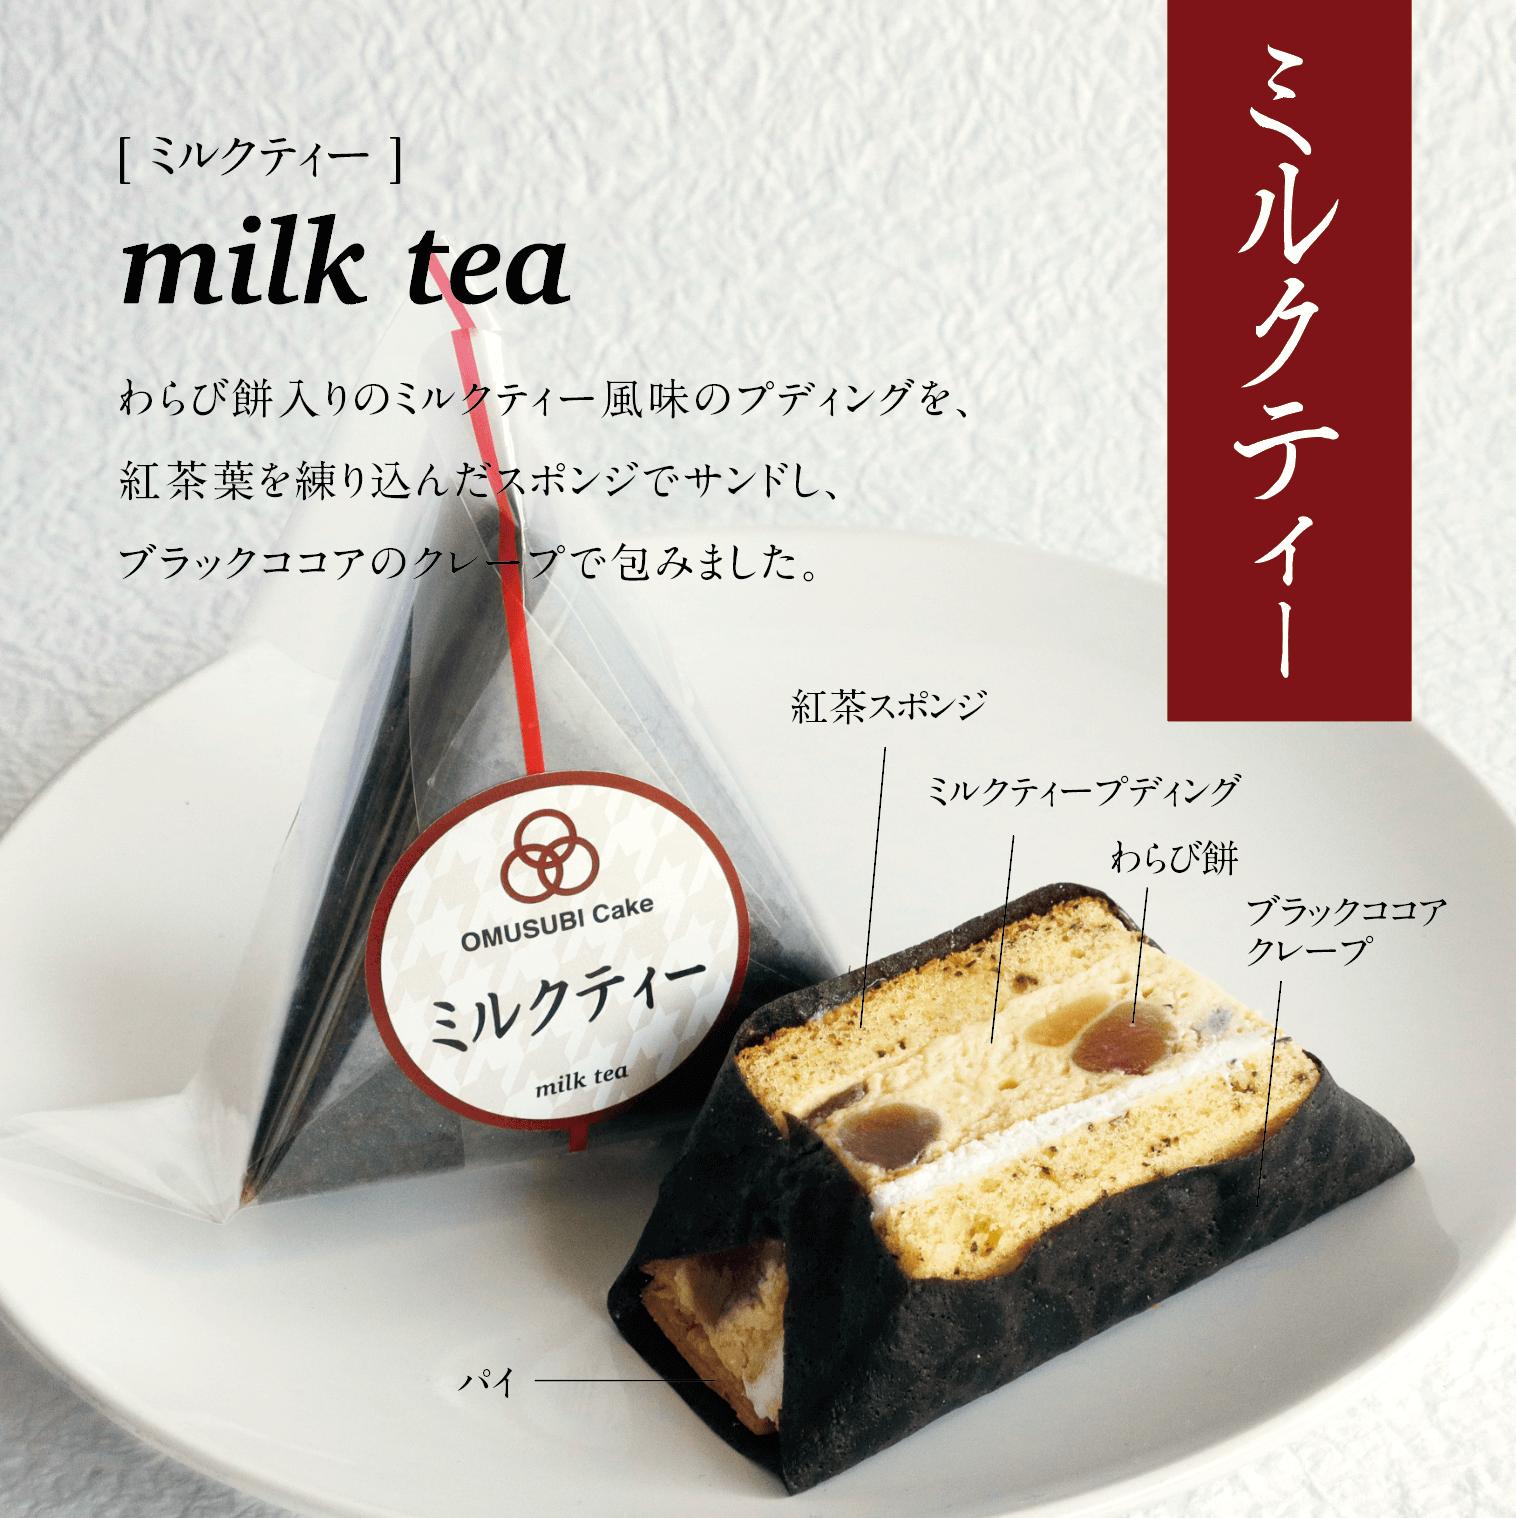 OSAKA OMUSUBI CakeのMilk Tea/¥450(税込み)